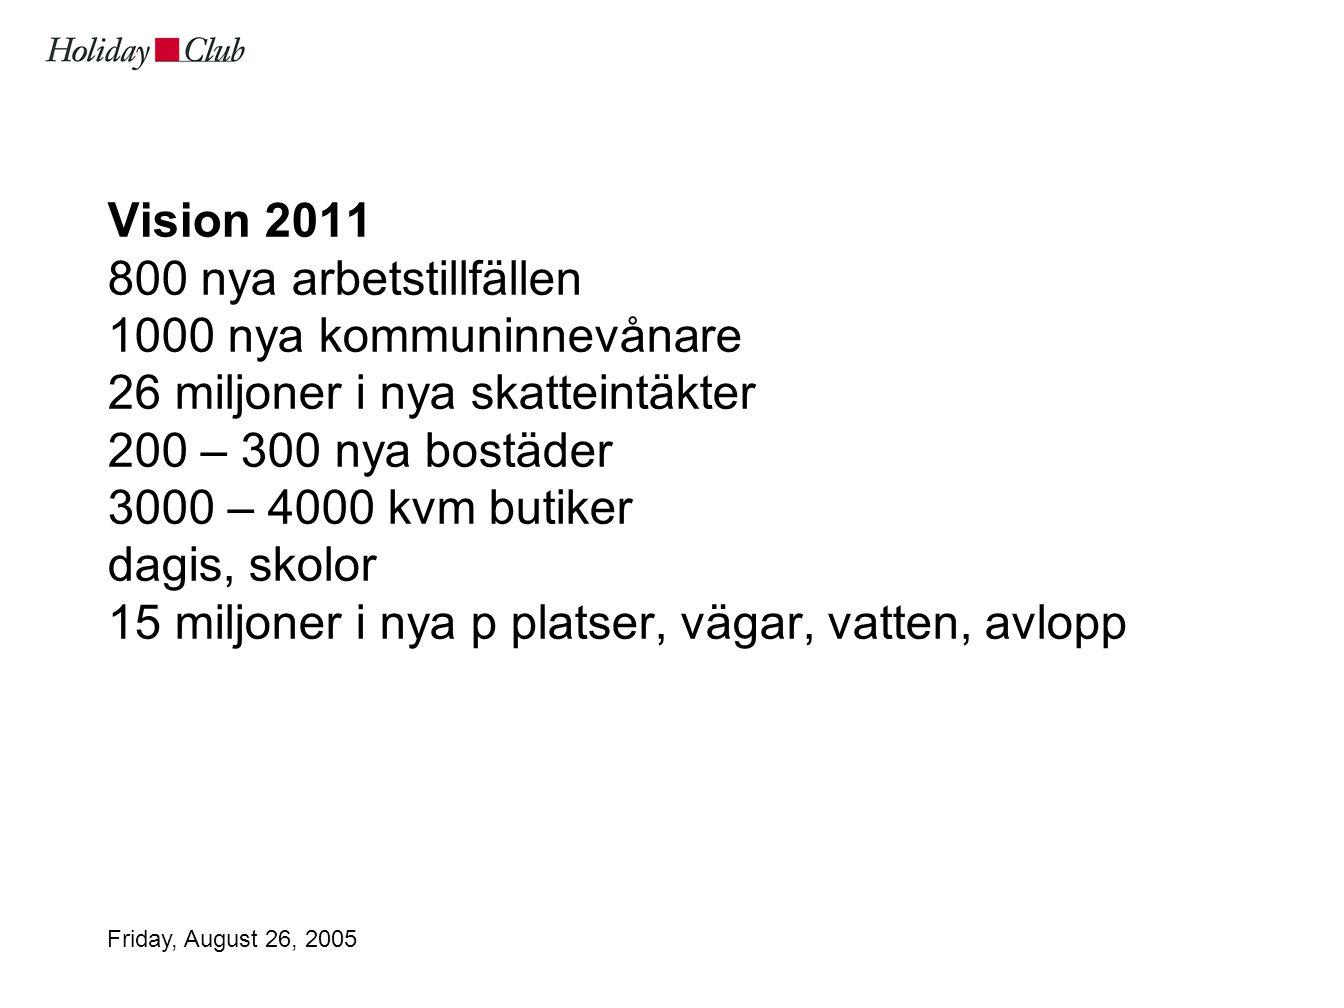 Friday, August 26, 2005 Vision 2011 800 nya arbetstillfällen 1000 nya kommuninnevånare 26 miljoner i nya skatteintäkter 200 – 300 nya bostäder 3000 – 4000 kvm butiker dagis, skolor 15 miljoner i nya p platser, vägar, vatten, avlopp